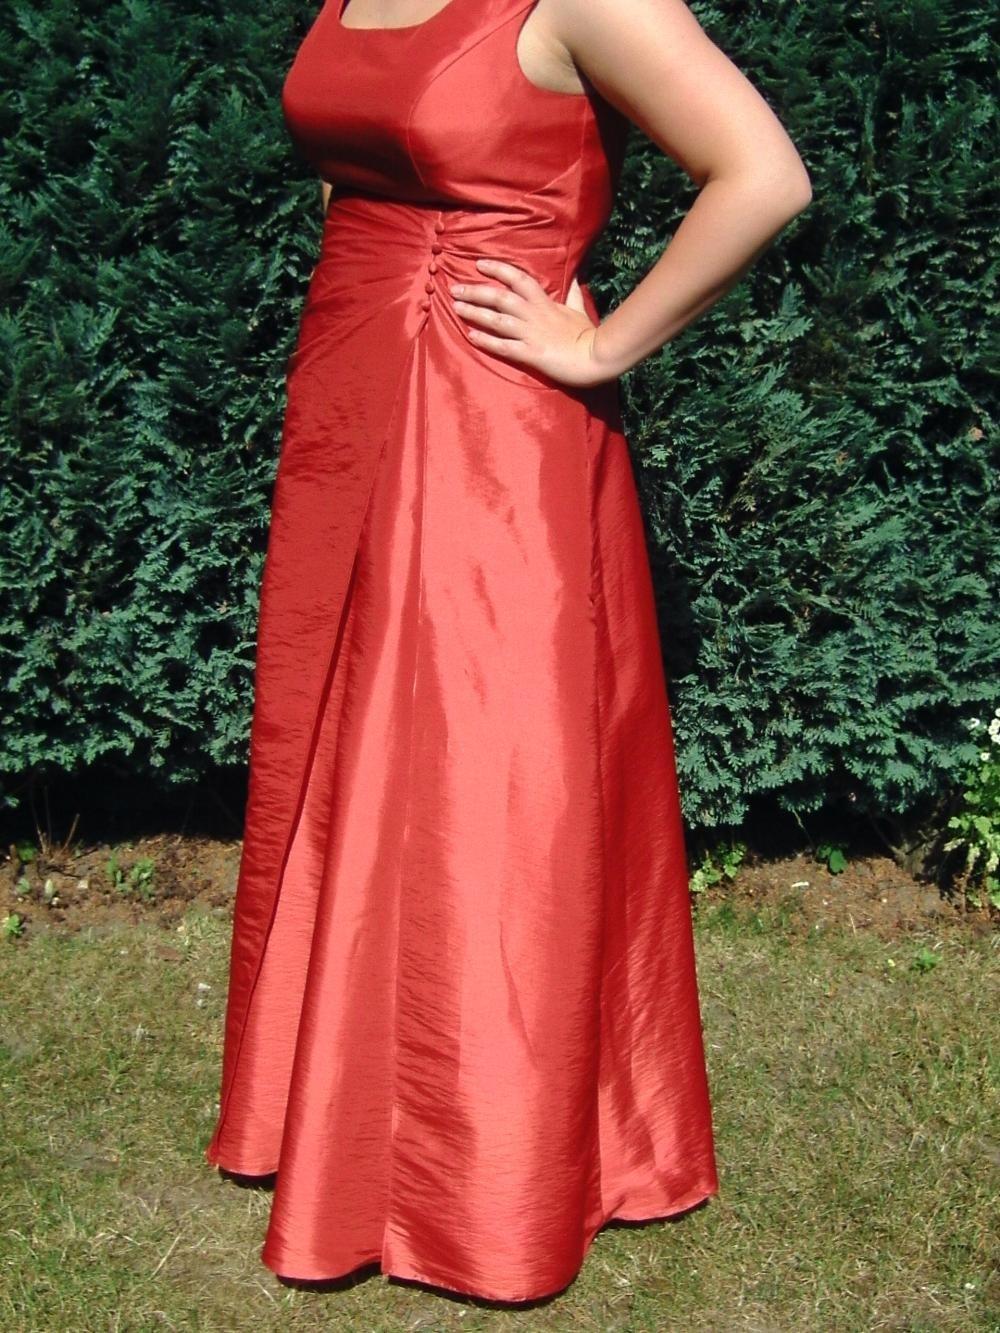 17 Spektakulär Abendkleid Gr 42 Bester PreisAbend Leicht Abendkleid Gr 42 Ärmel